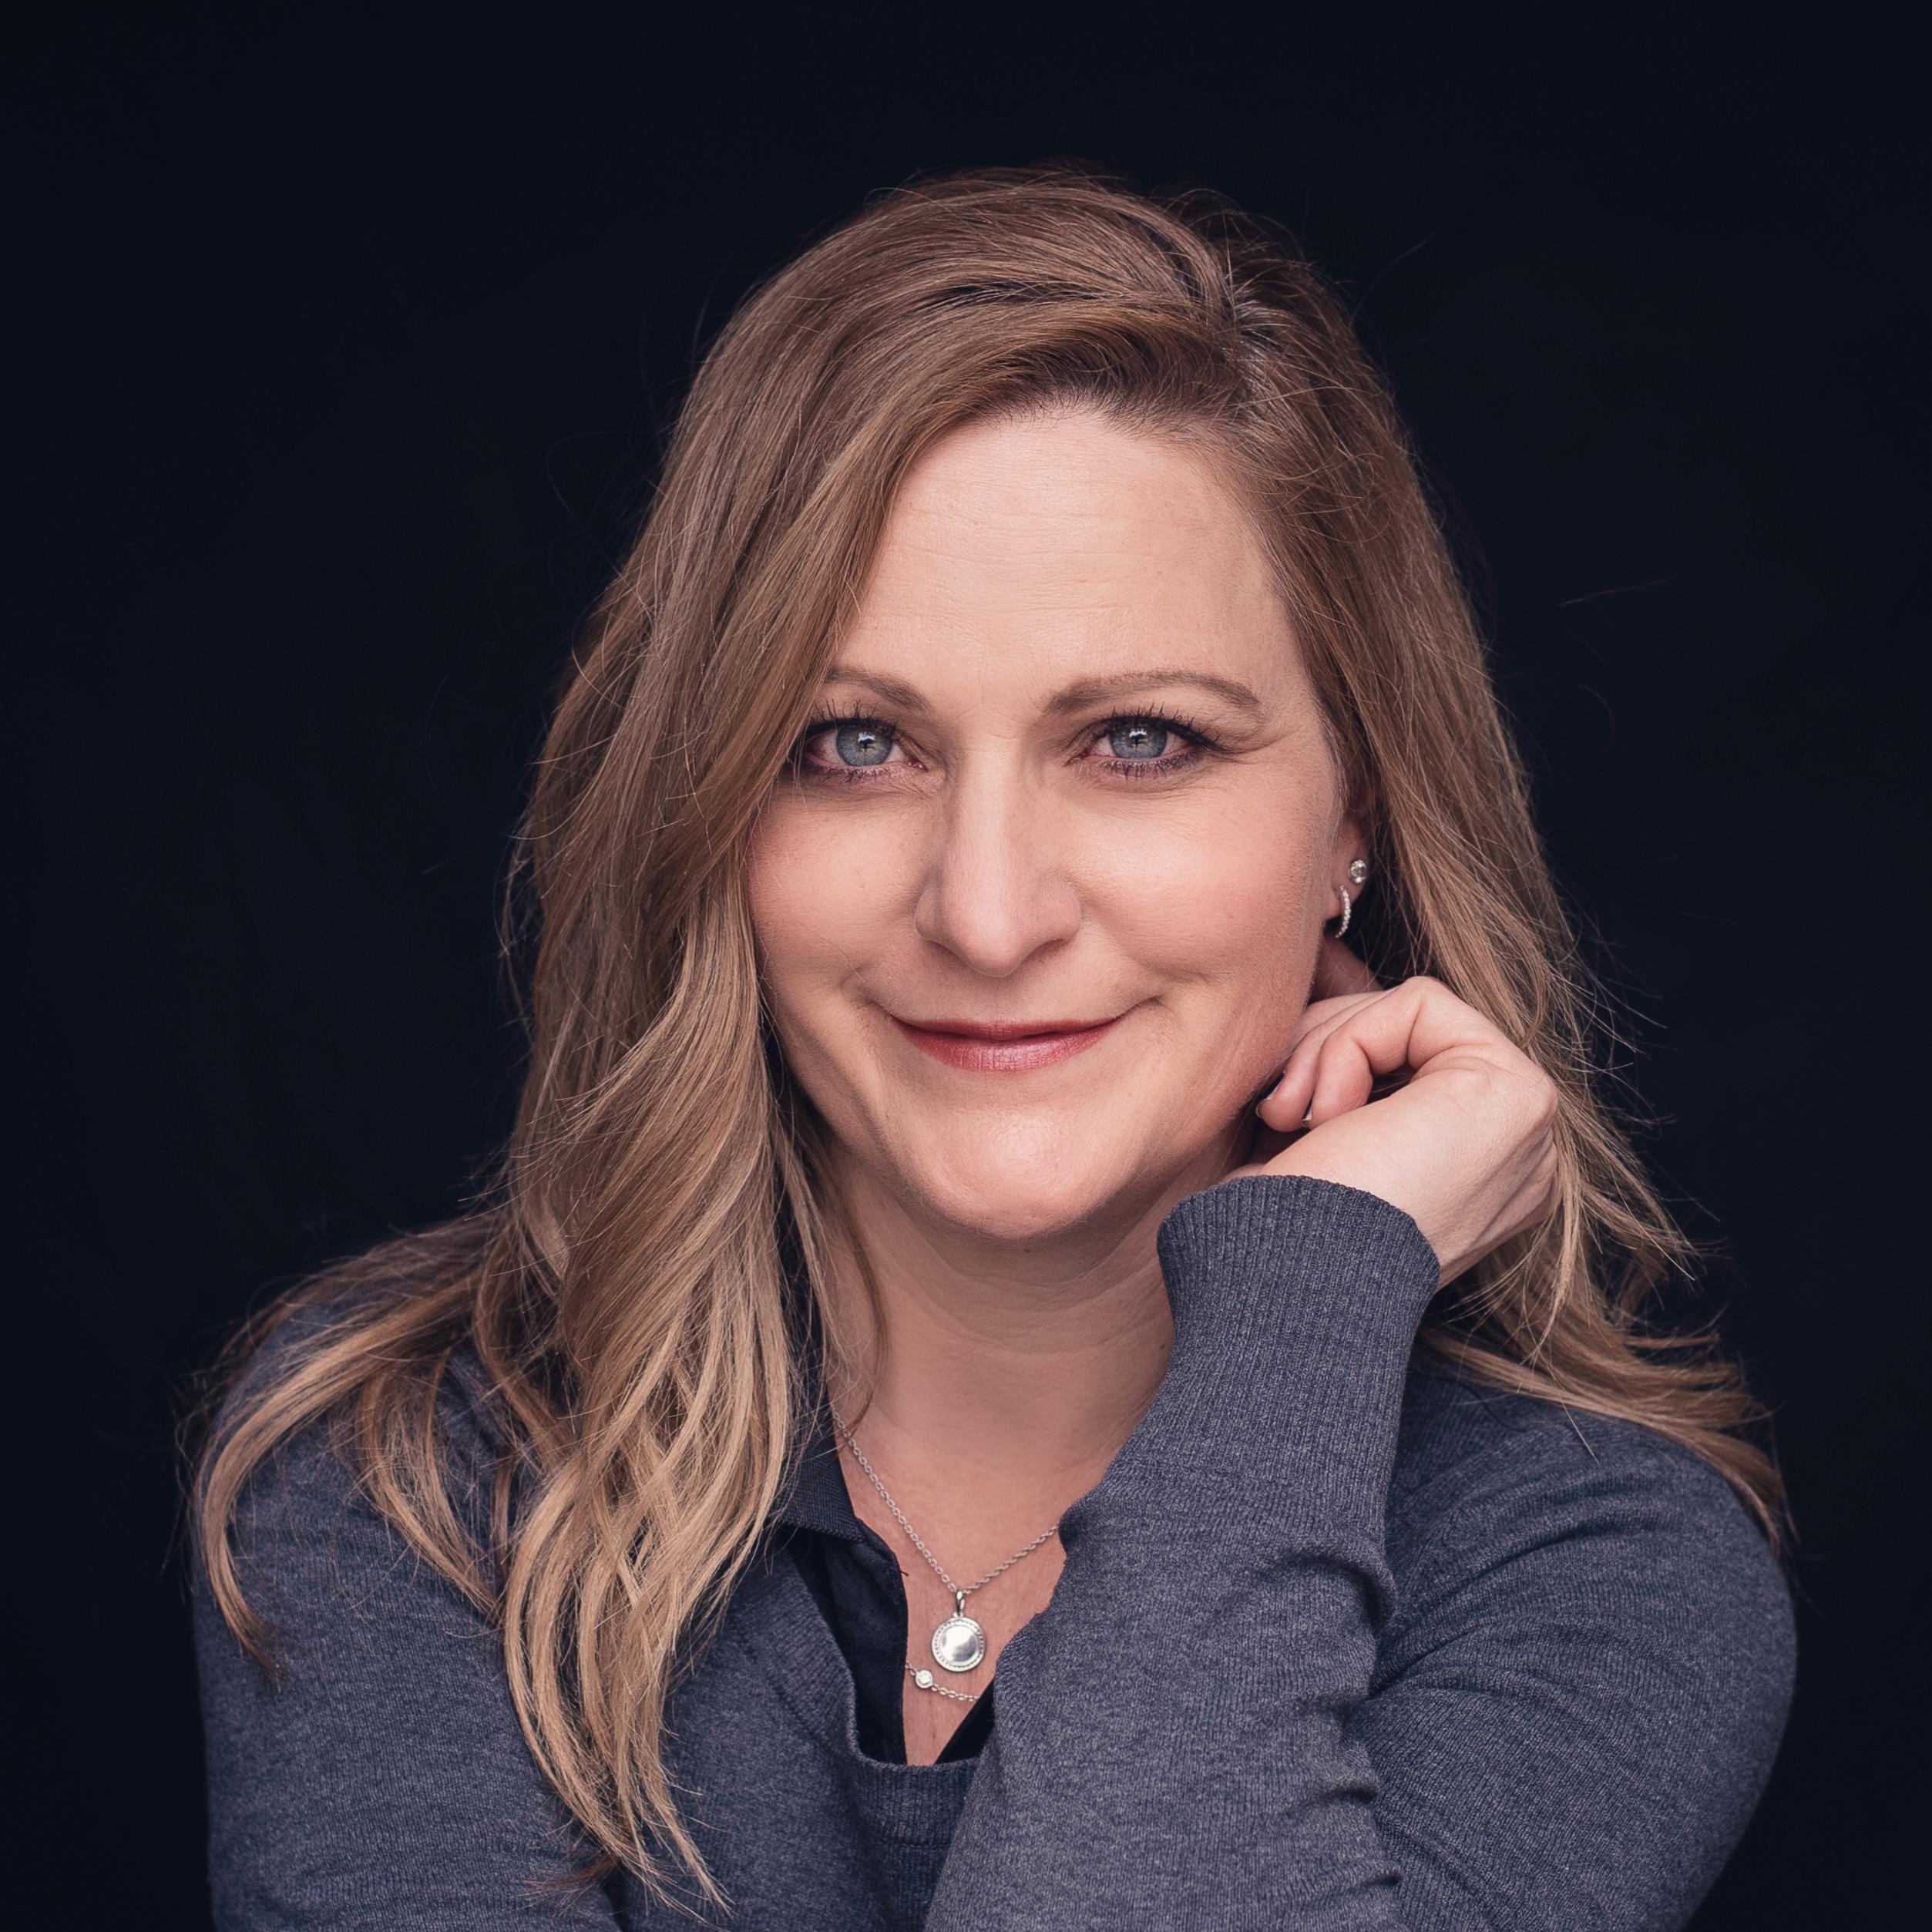 Kristi Saucerman headshot & illustration Boise, ID | Wood Tarver Financial